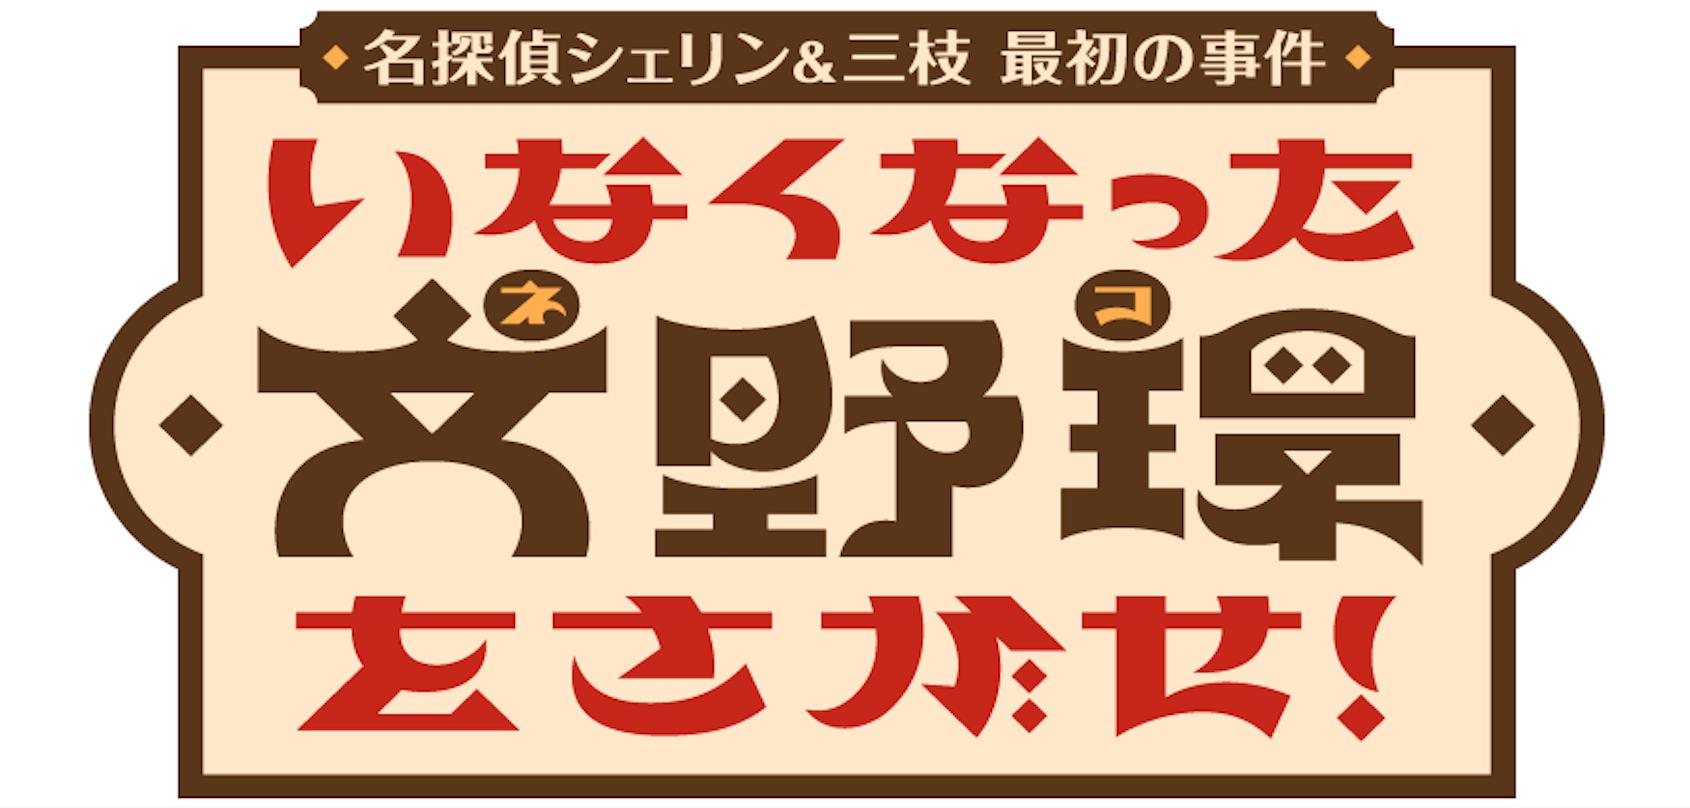 【FC先行チケット受付開始】名探偵シェリン&三枝 最初の事件〜いなくなった文野環をさがせ!〜